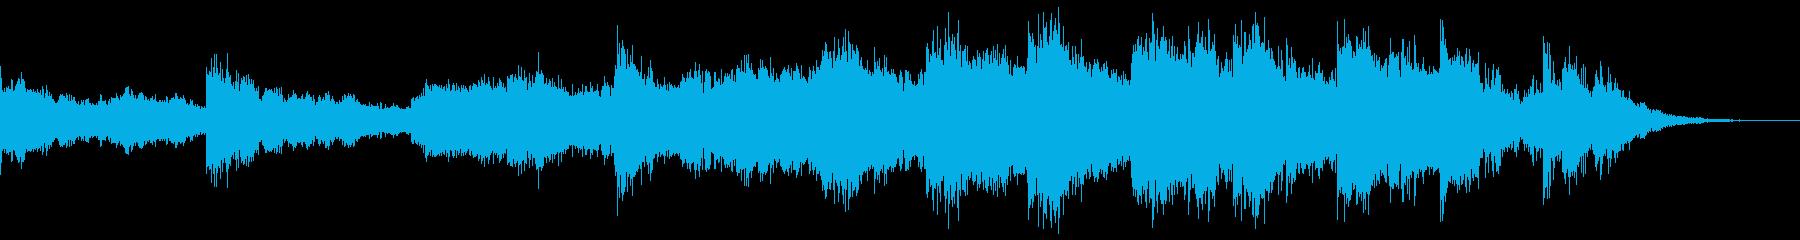 暗く迫力のある独特な雰囲気で歌のような曲の再生済みの波形